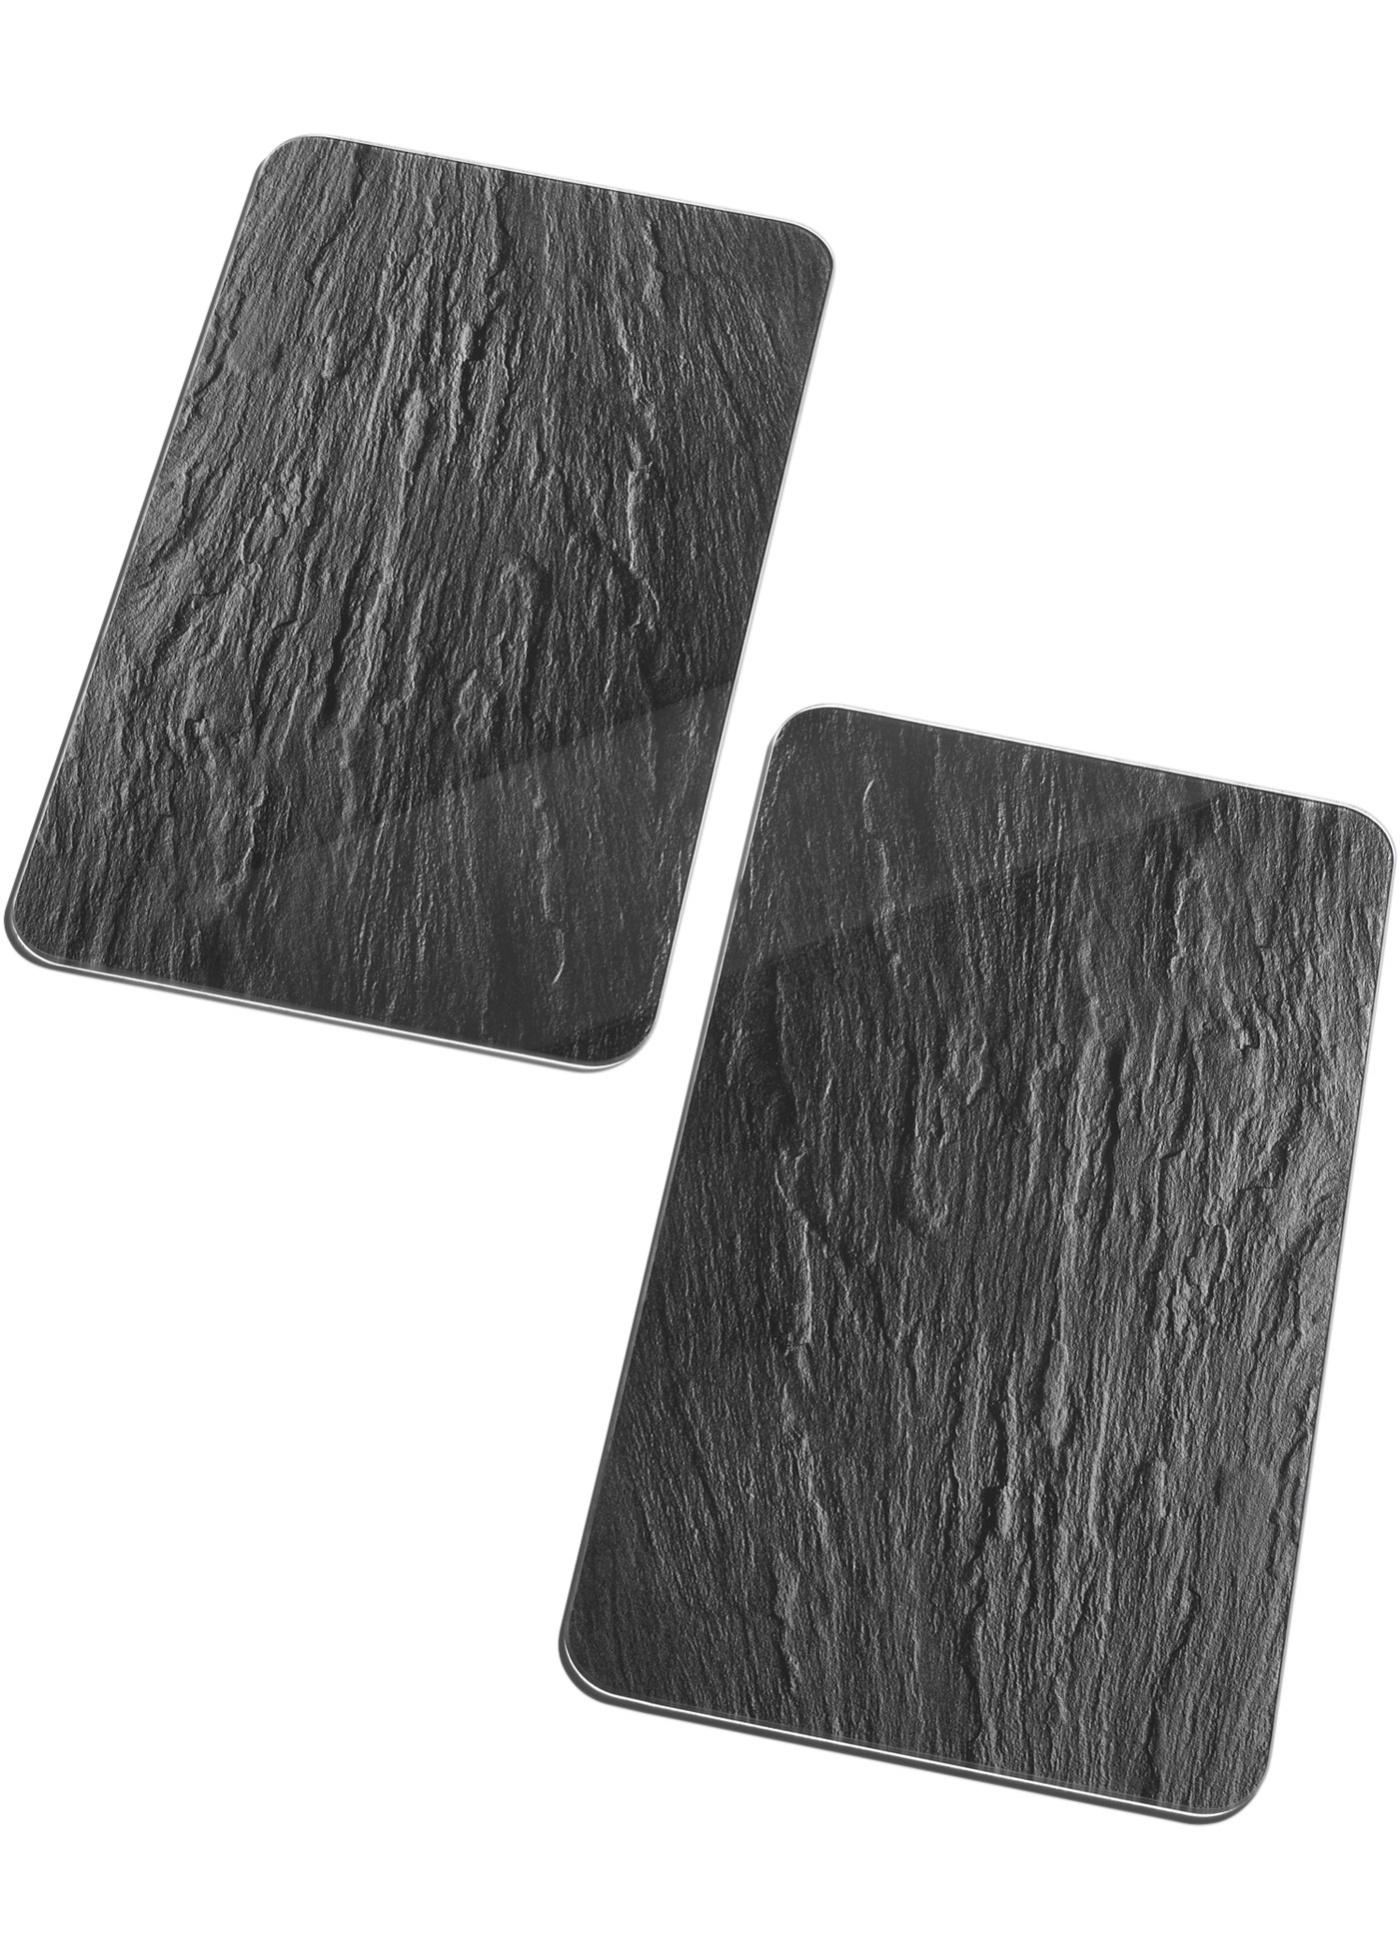 Fornuisafdekplaten Leisteen (2-dlg. set)